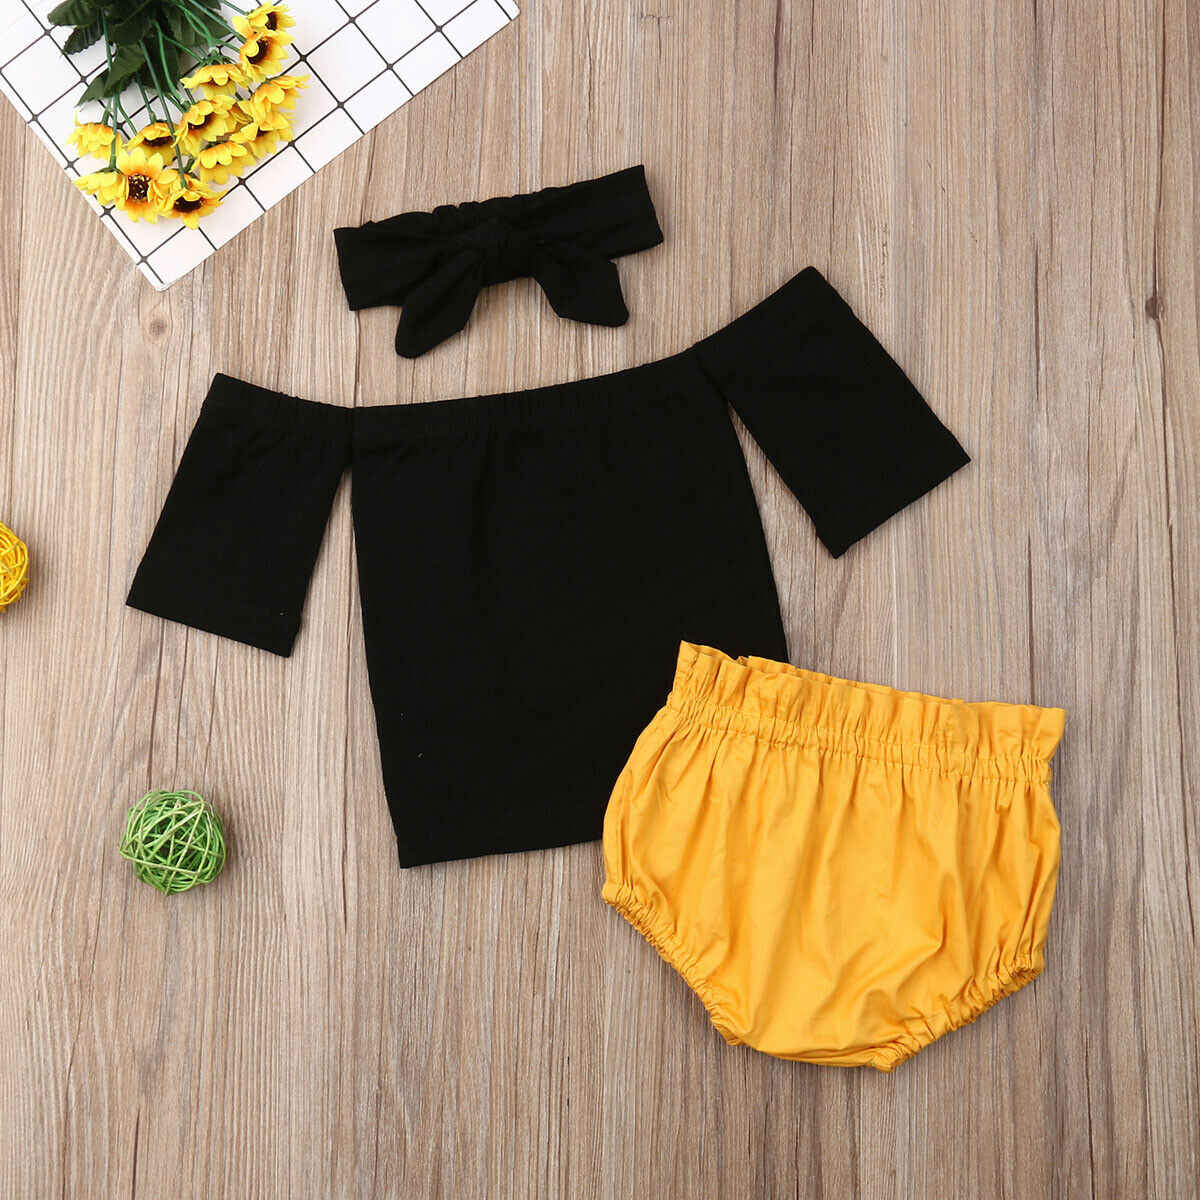 ฤดูร้อน 0-24 M เด็กทารกน่ารักเสื้อผ้าชุดนอกไหล่สีดำเสื้อ + กางเกงขาสั้น + Headband Outfits ชุด